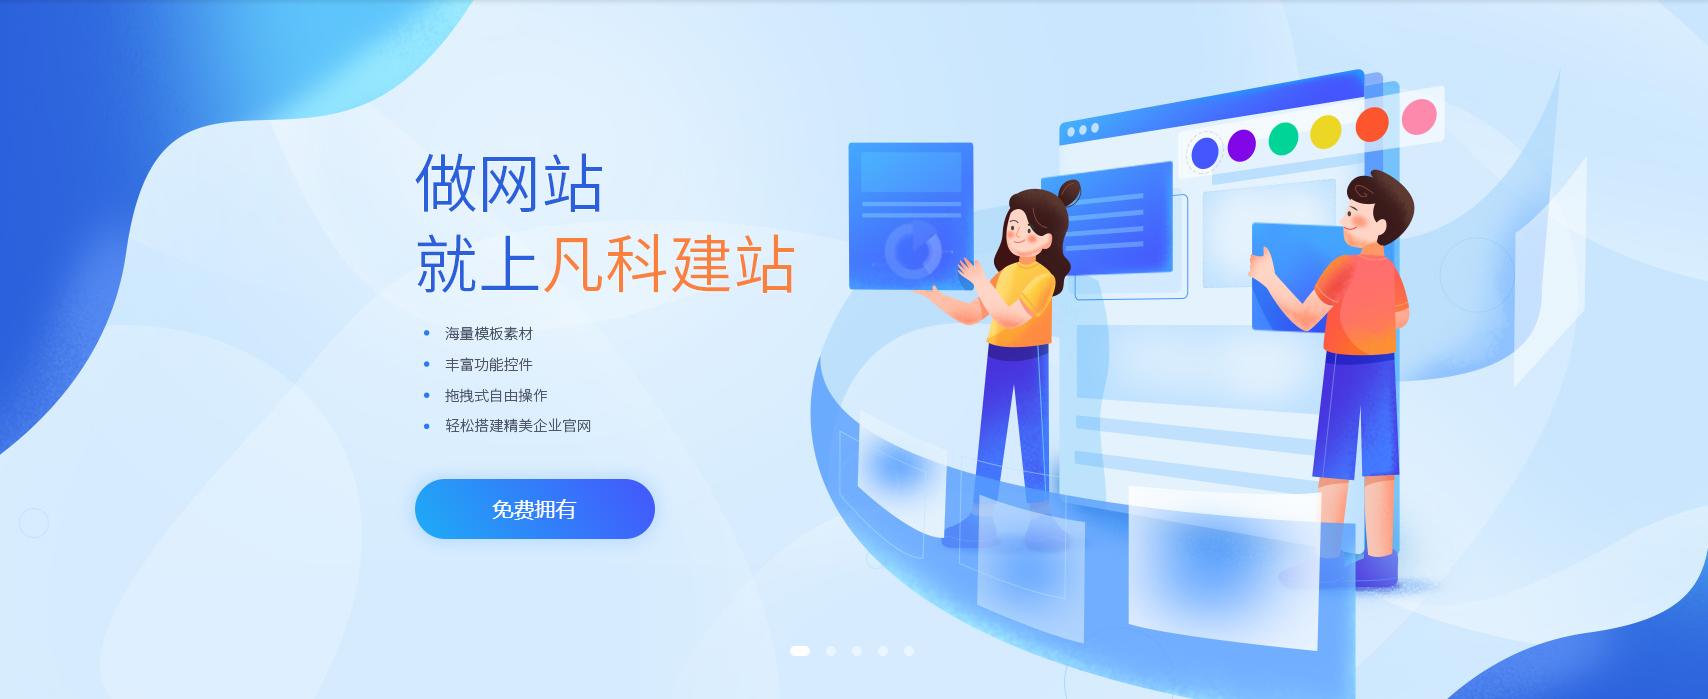 网站建设背景设计